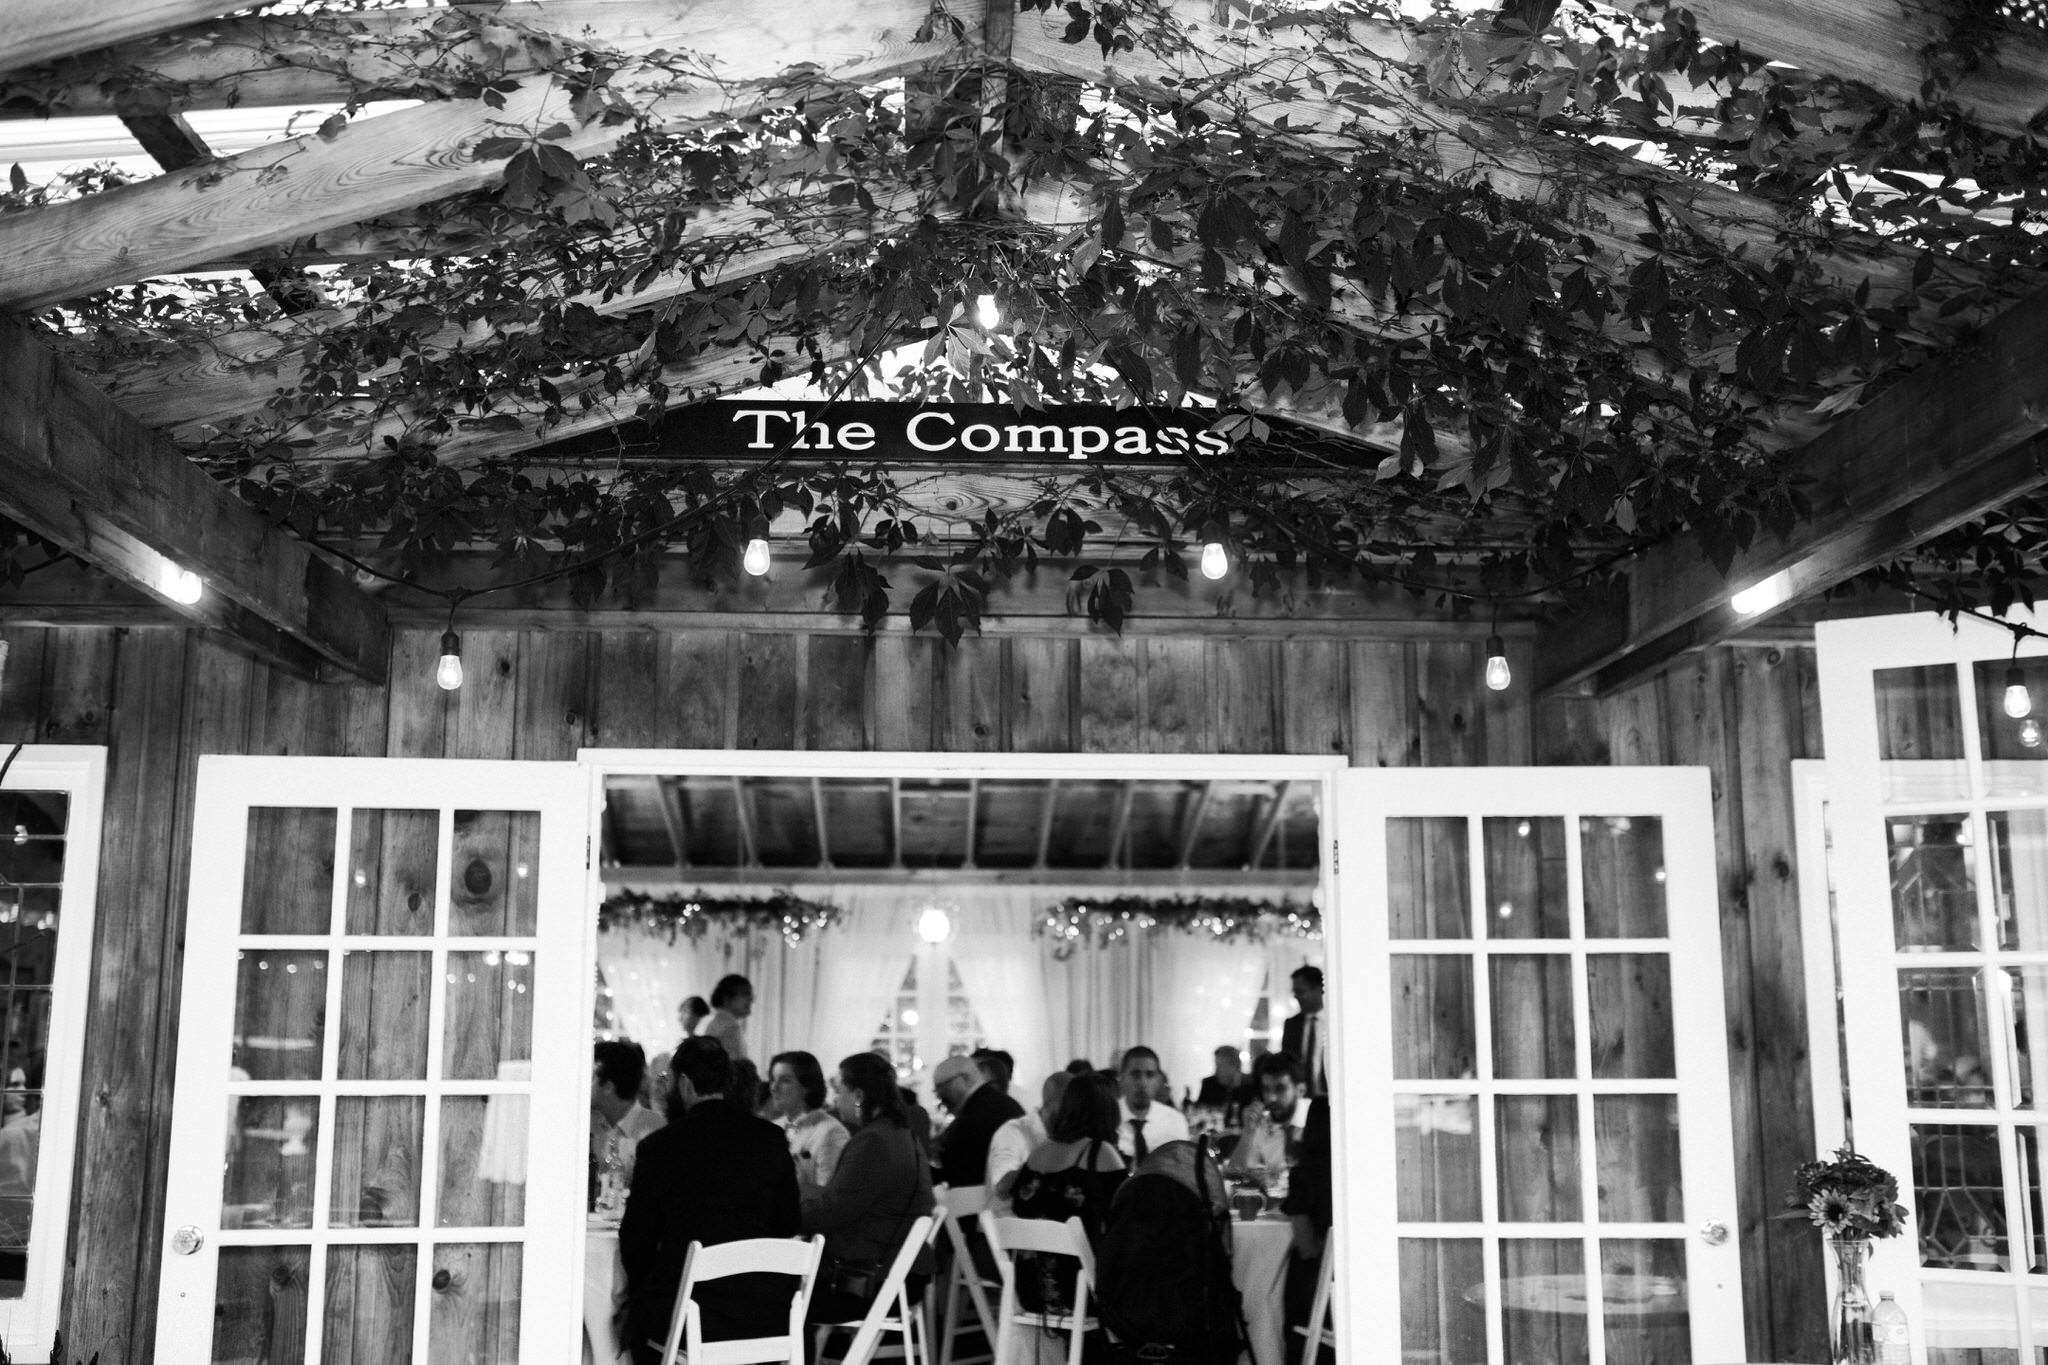 Northview Gardens Wedding - The Compass reception